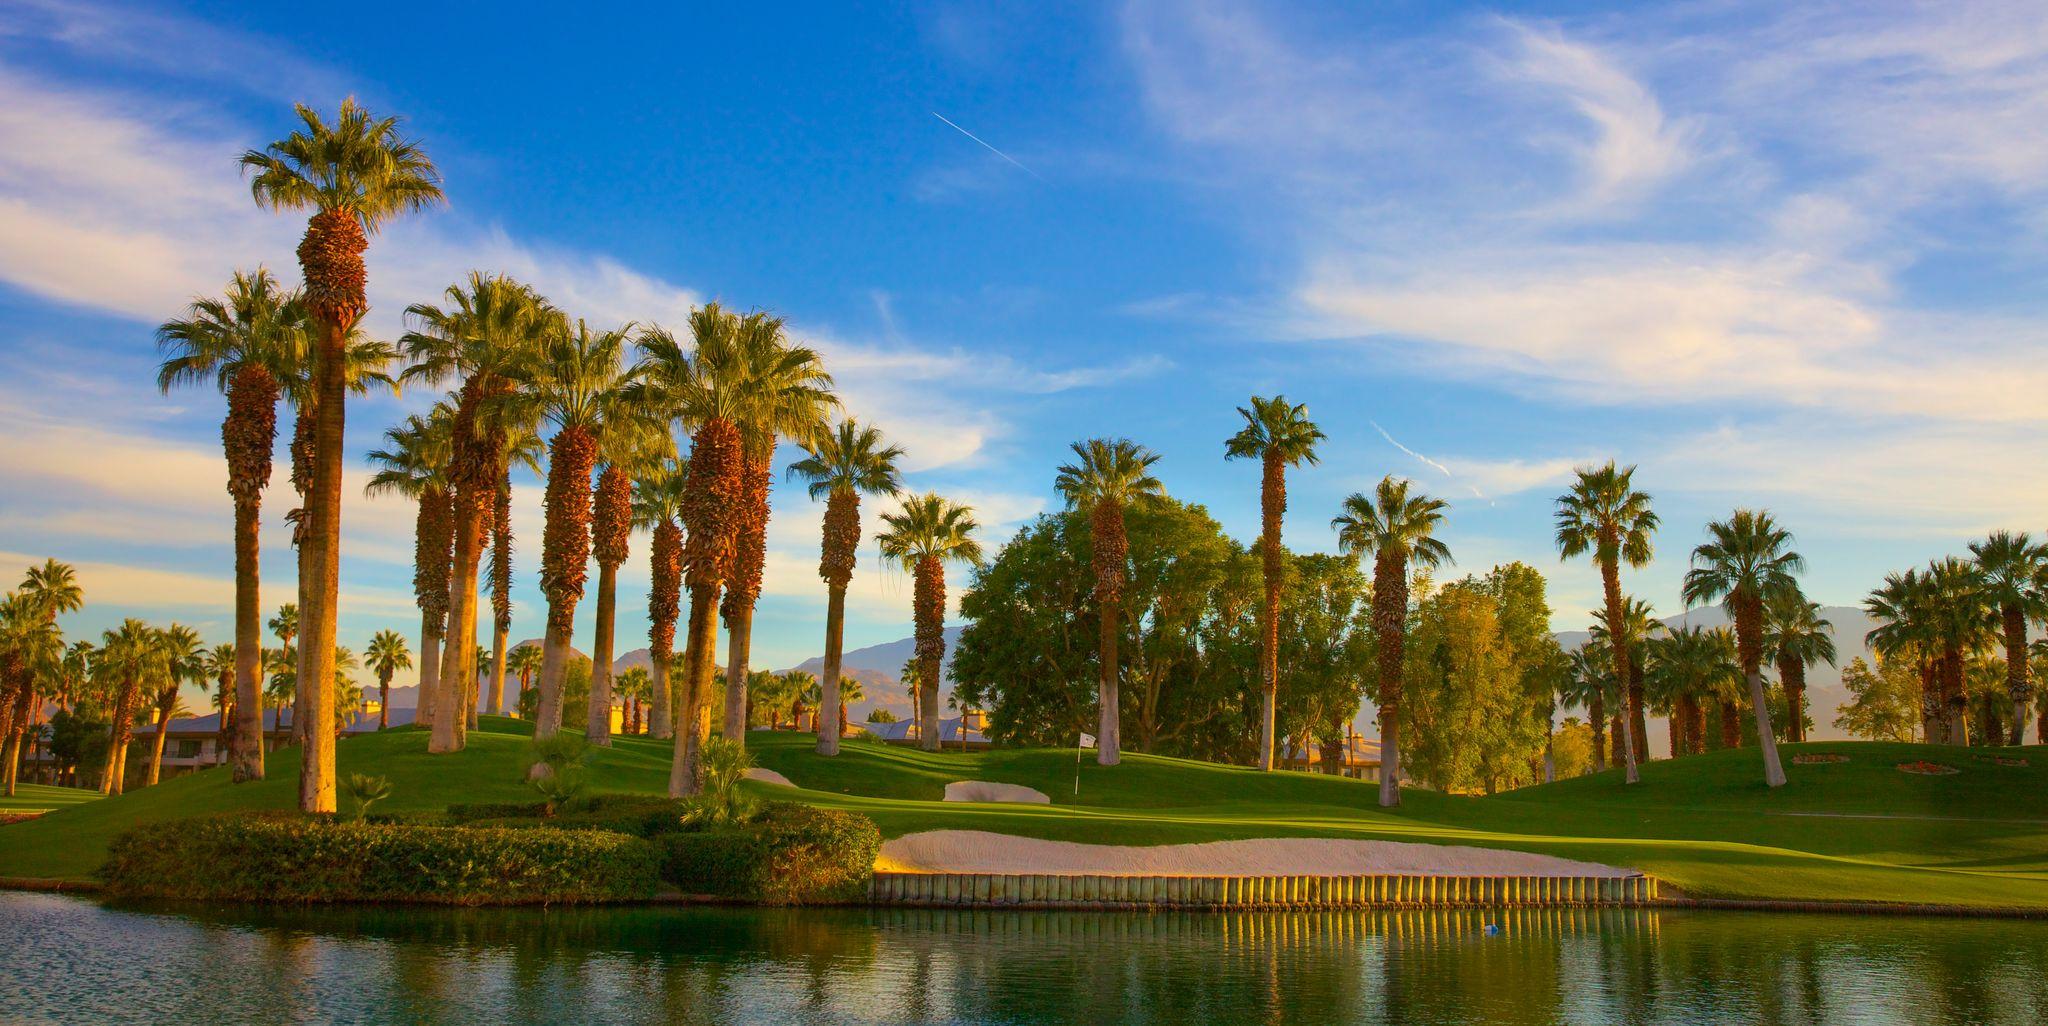 Hotels In Palm Dessert Ca  JW Marriott Desert Springs Resort & Spa in Palm Desert